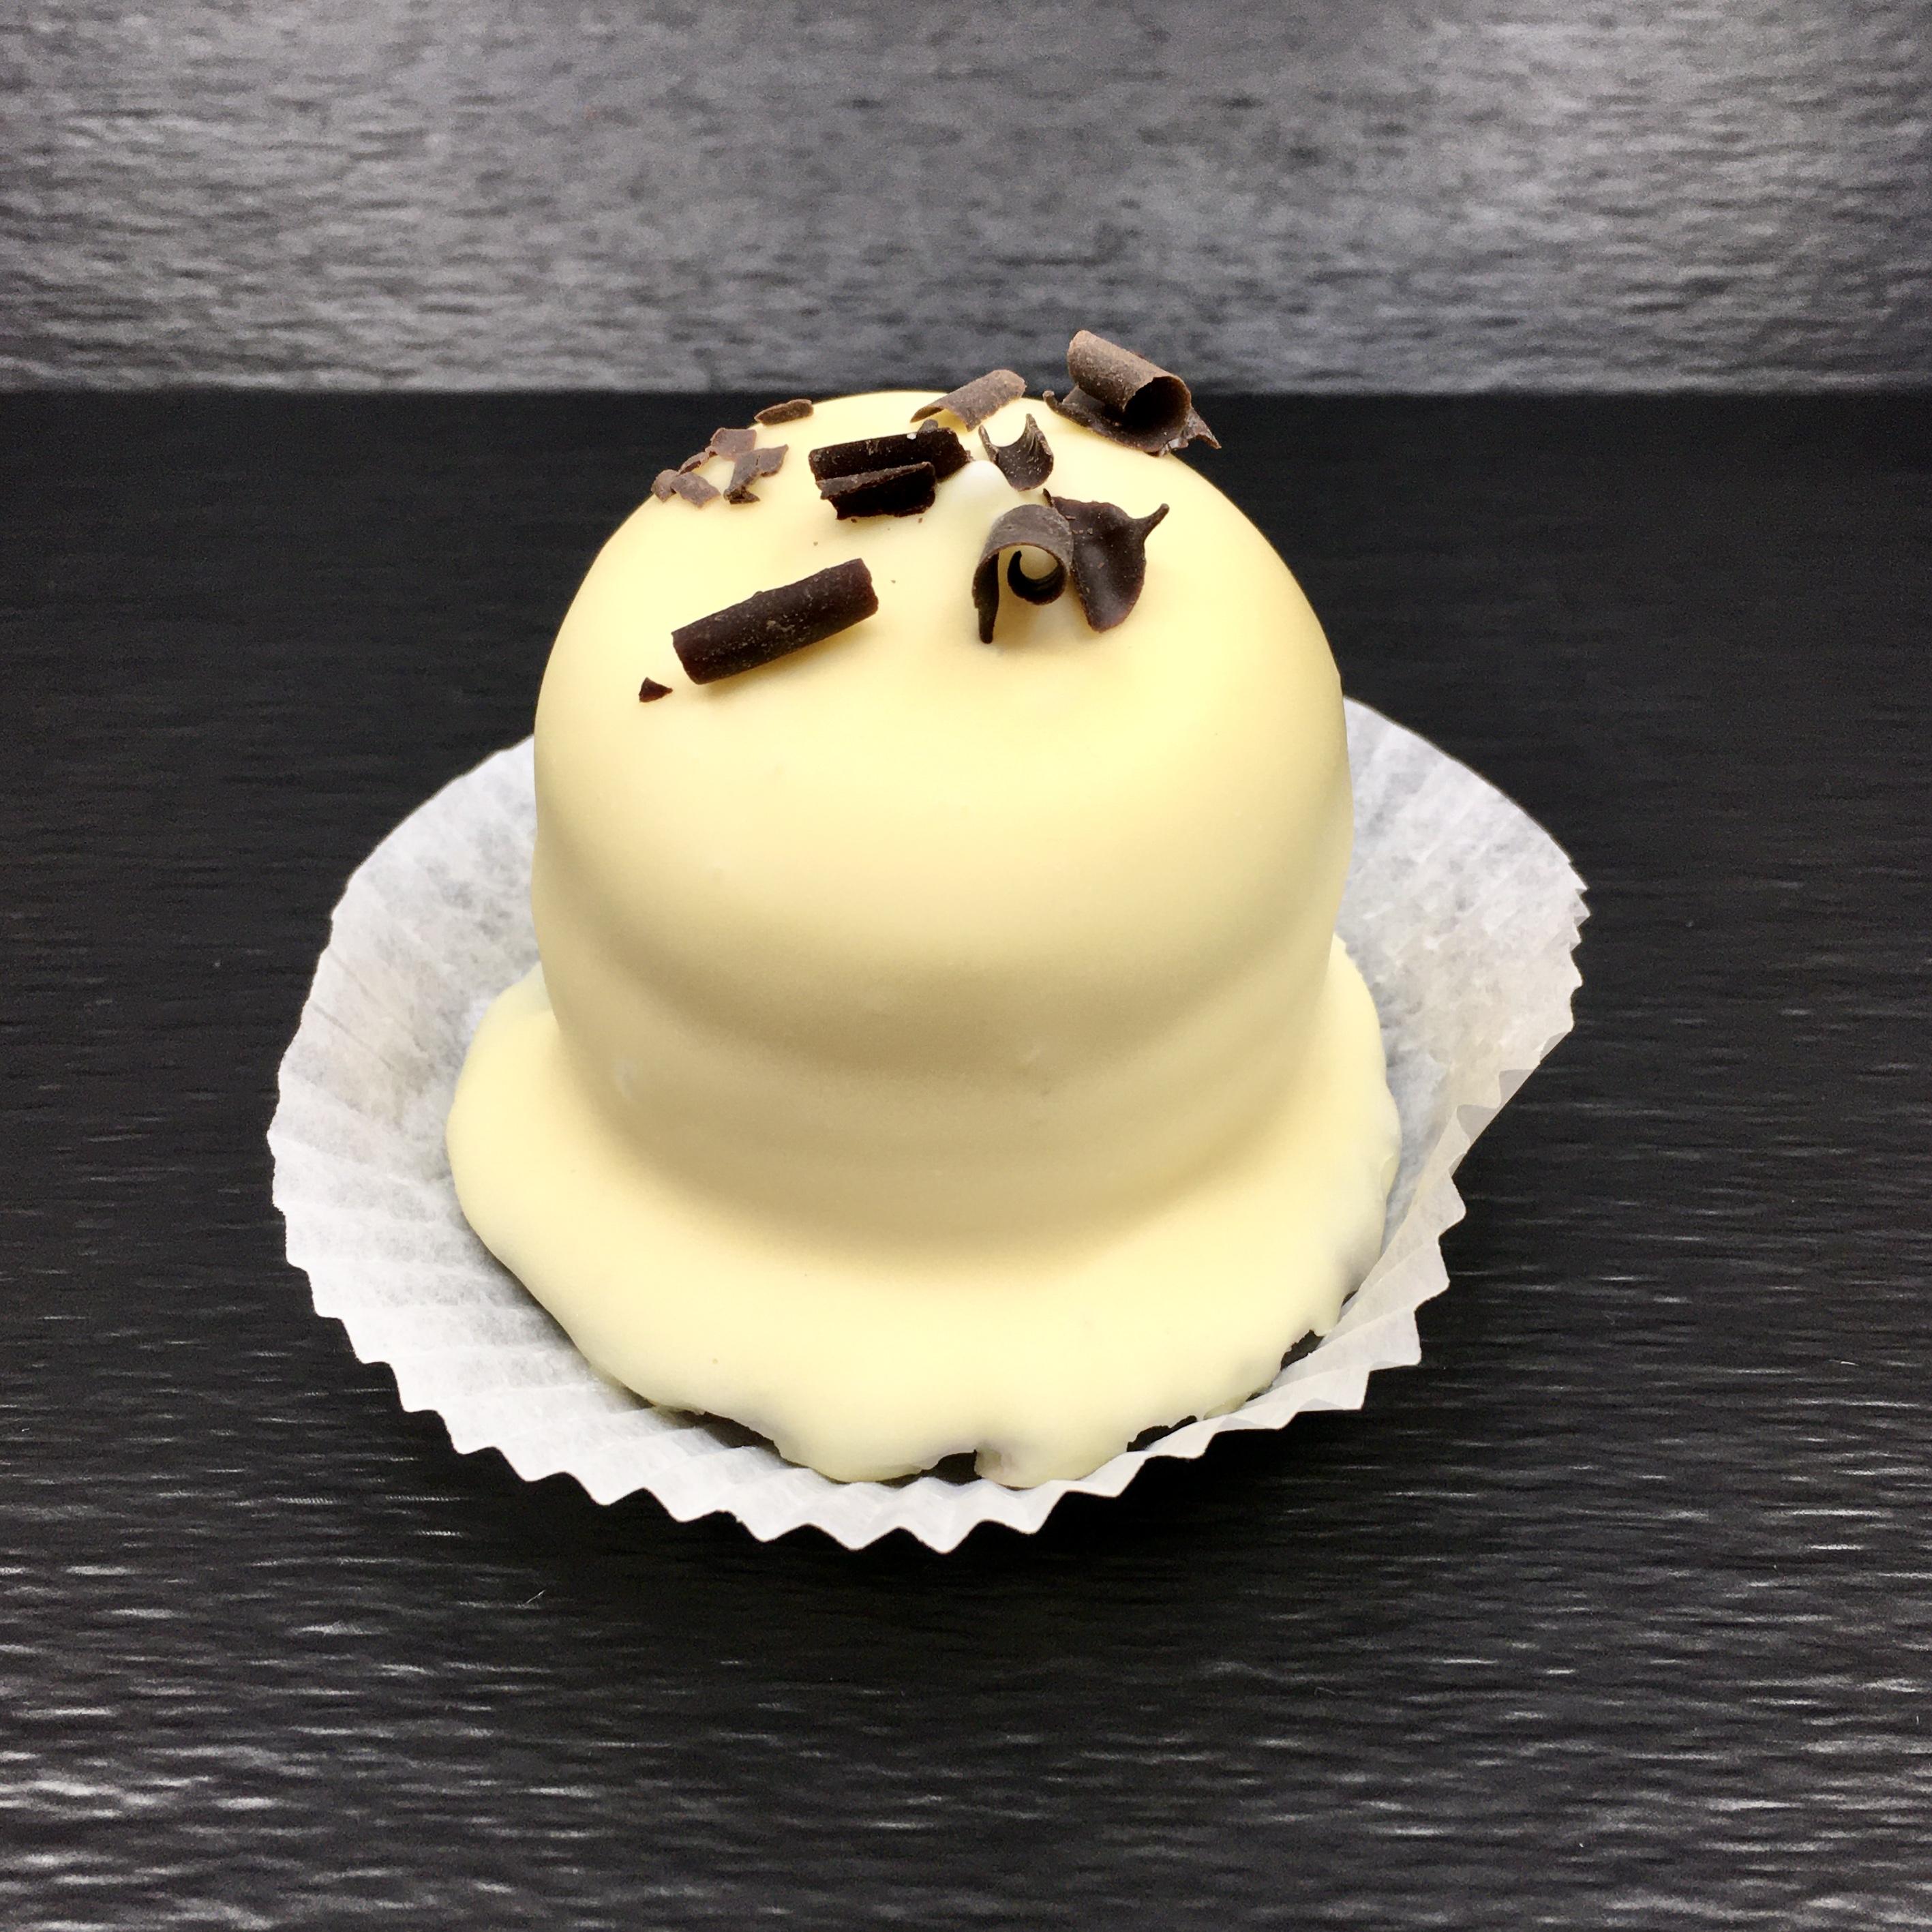 Weiße Schokolade braucht einen hohen Anteil an Kakoabutter, damit sie nach Vanille und sogar leichten Karamellnoten schmeckt. Unsere hat mehr Tiefgang als man das von weißer Schoki kennt.